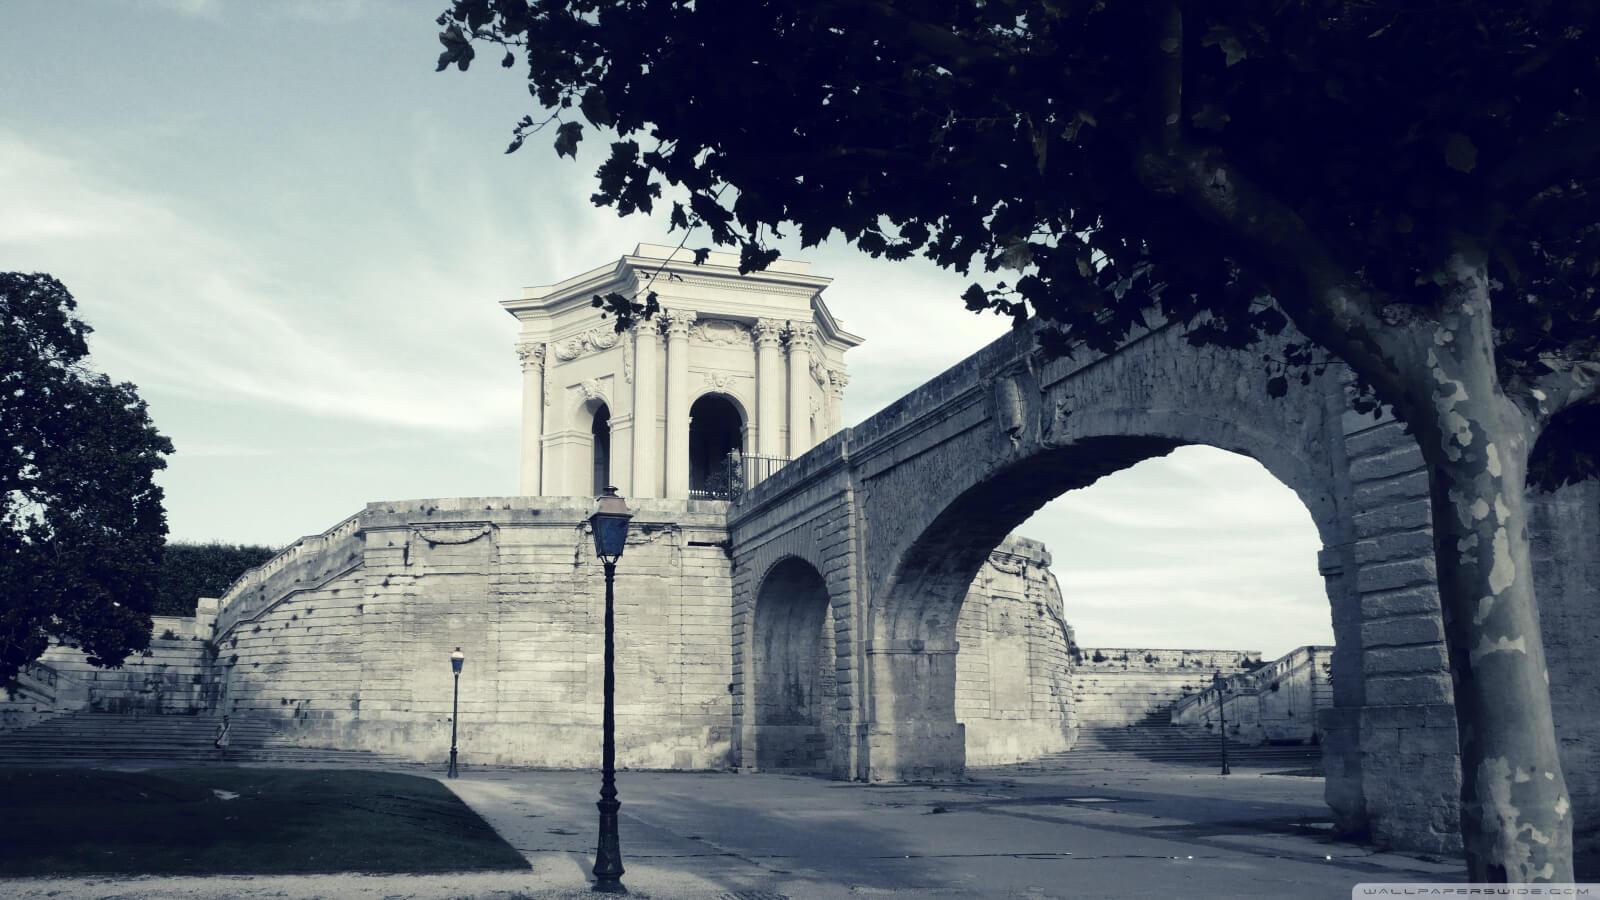 Historical Stone Bridge